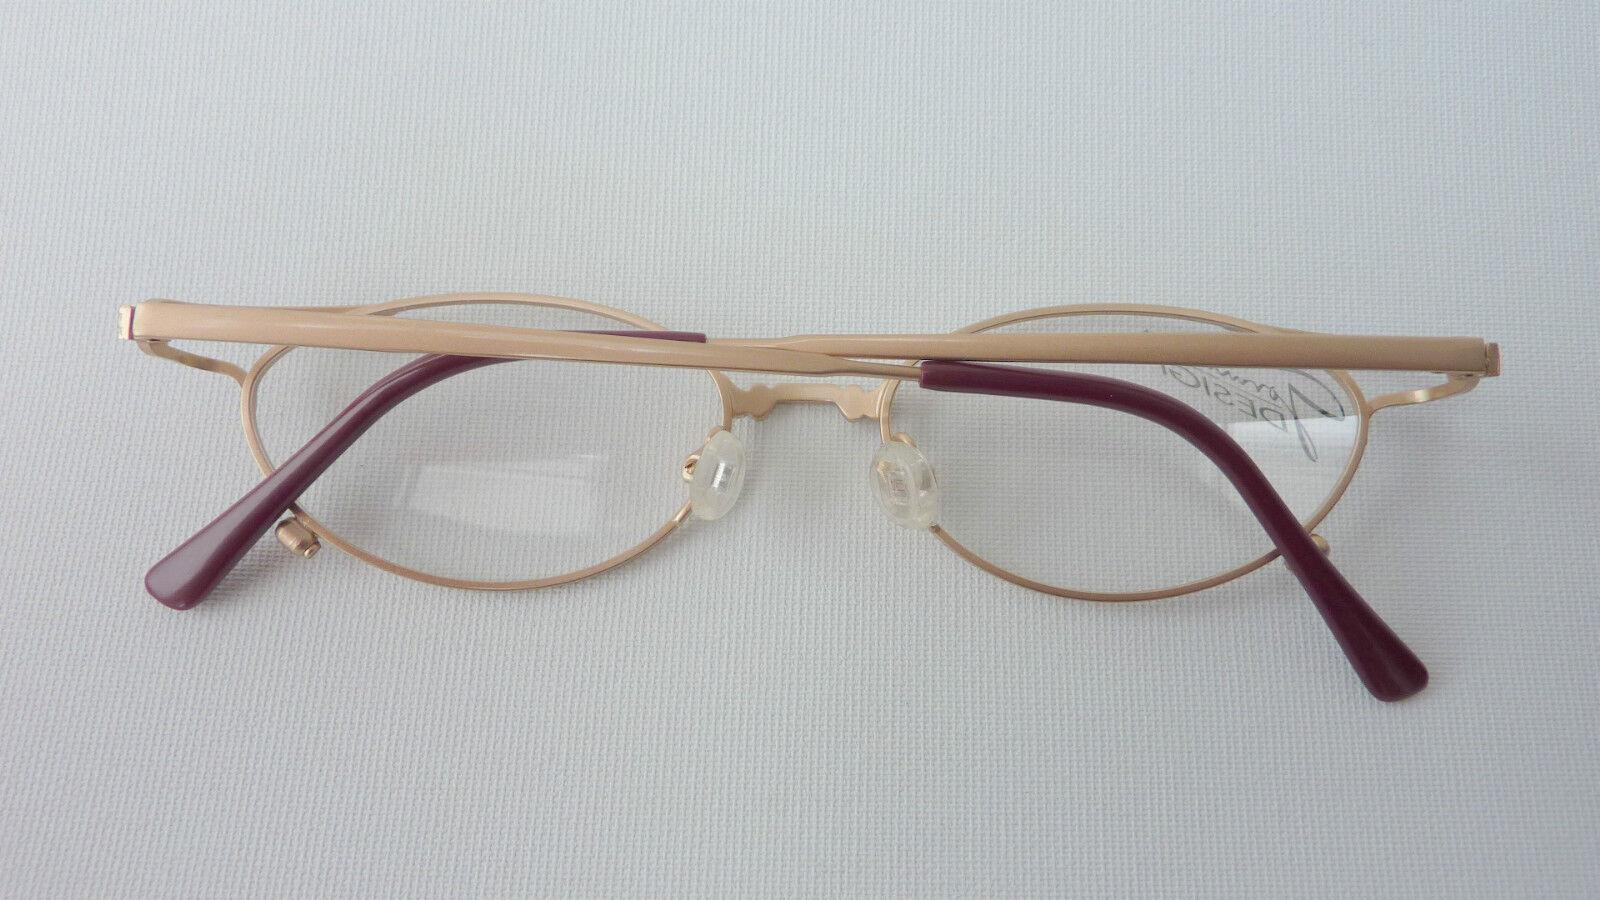 Gormanns zierliche Butterflybrille mit Decor, edel, edel, edel, anmutig 48-16 Vintage Größe S     | Elegantes und robustes Menü  | Online einkaufen  | Einfach zu spielen, freies Leben  326ddf